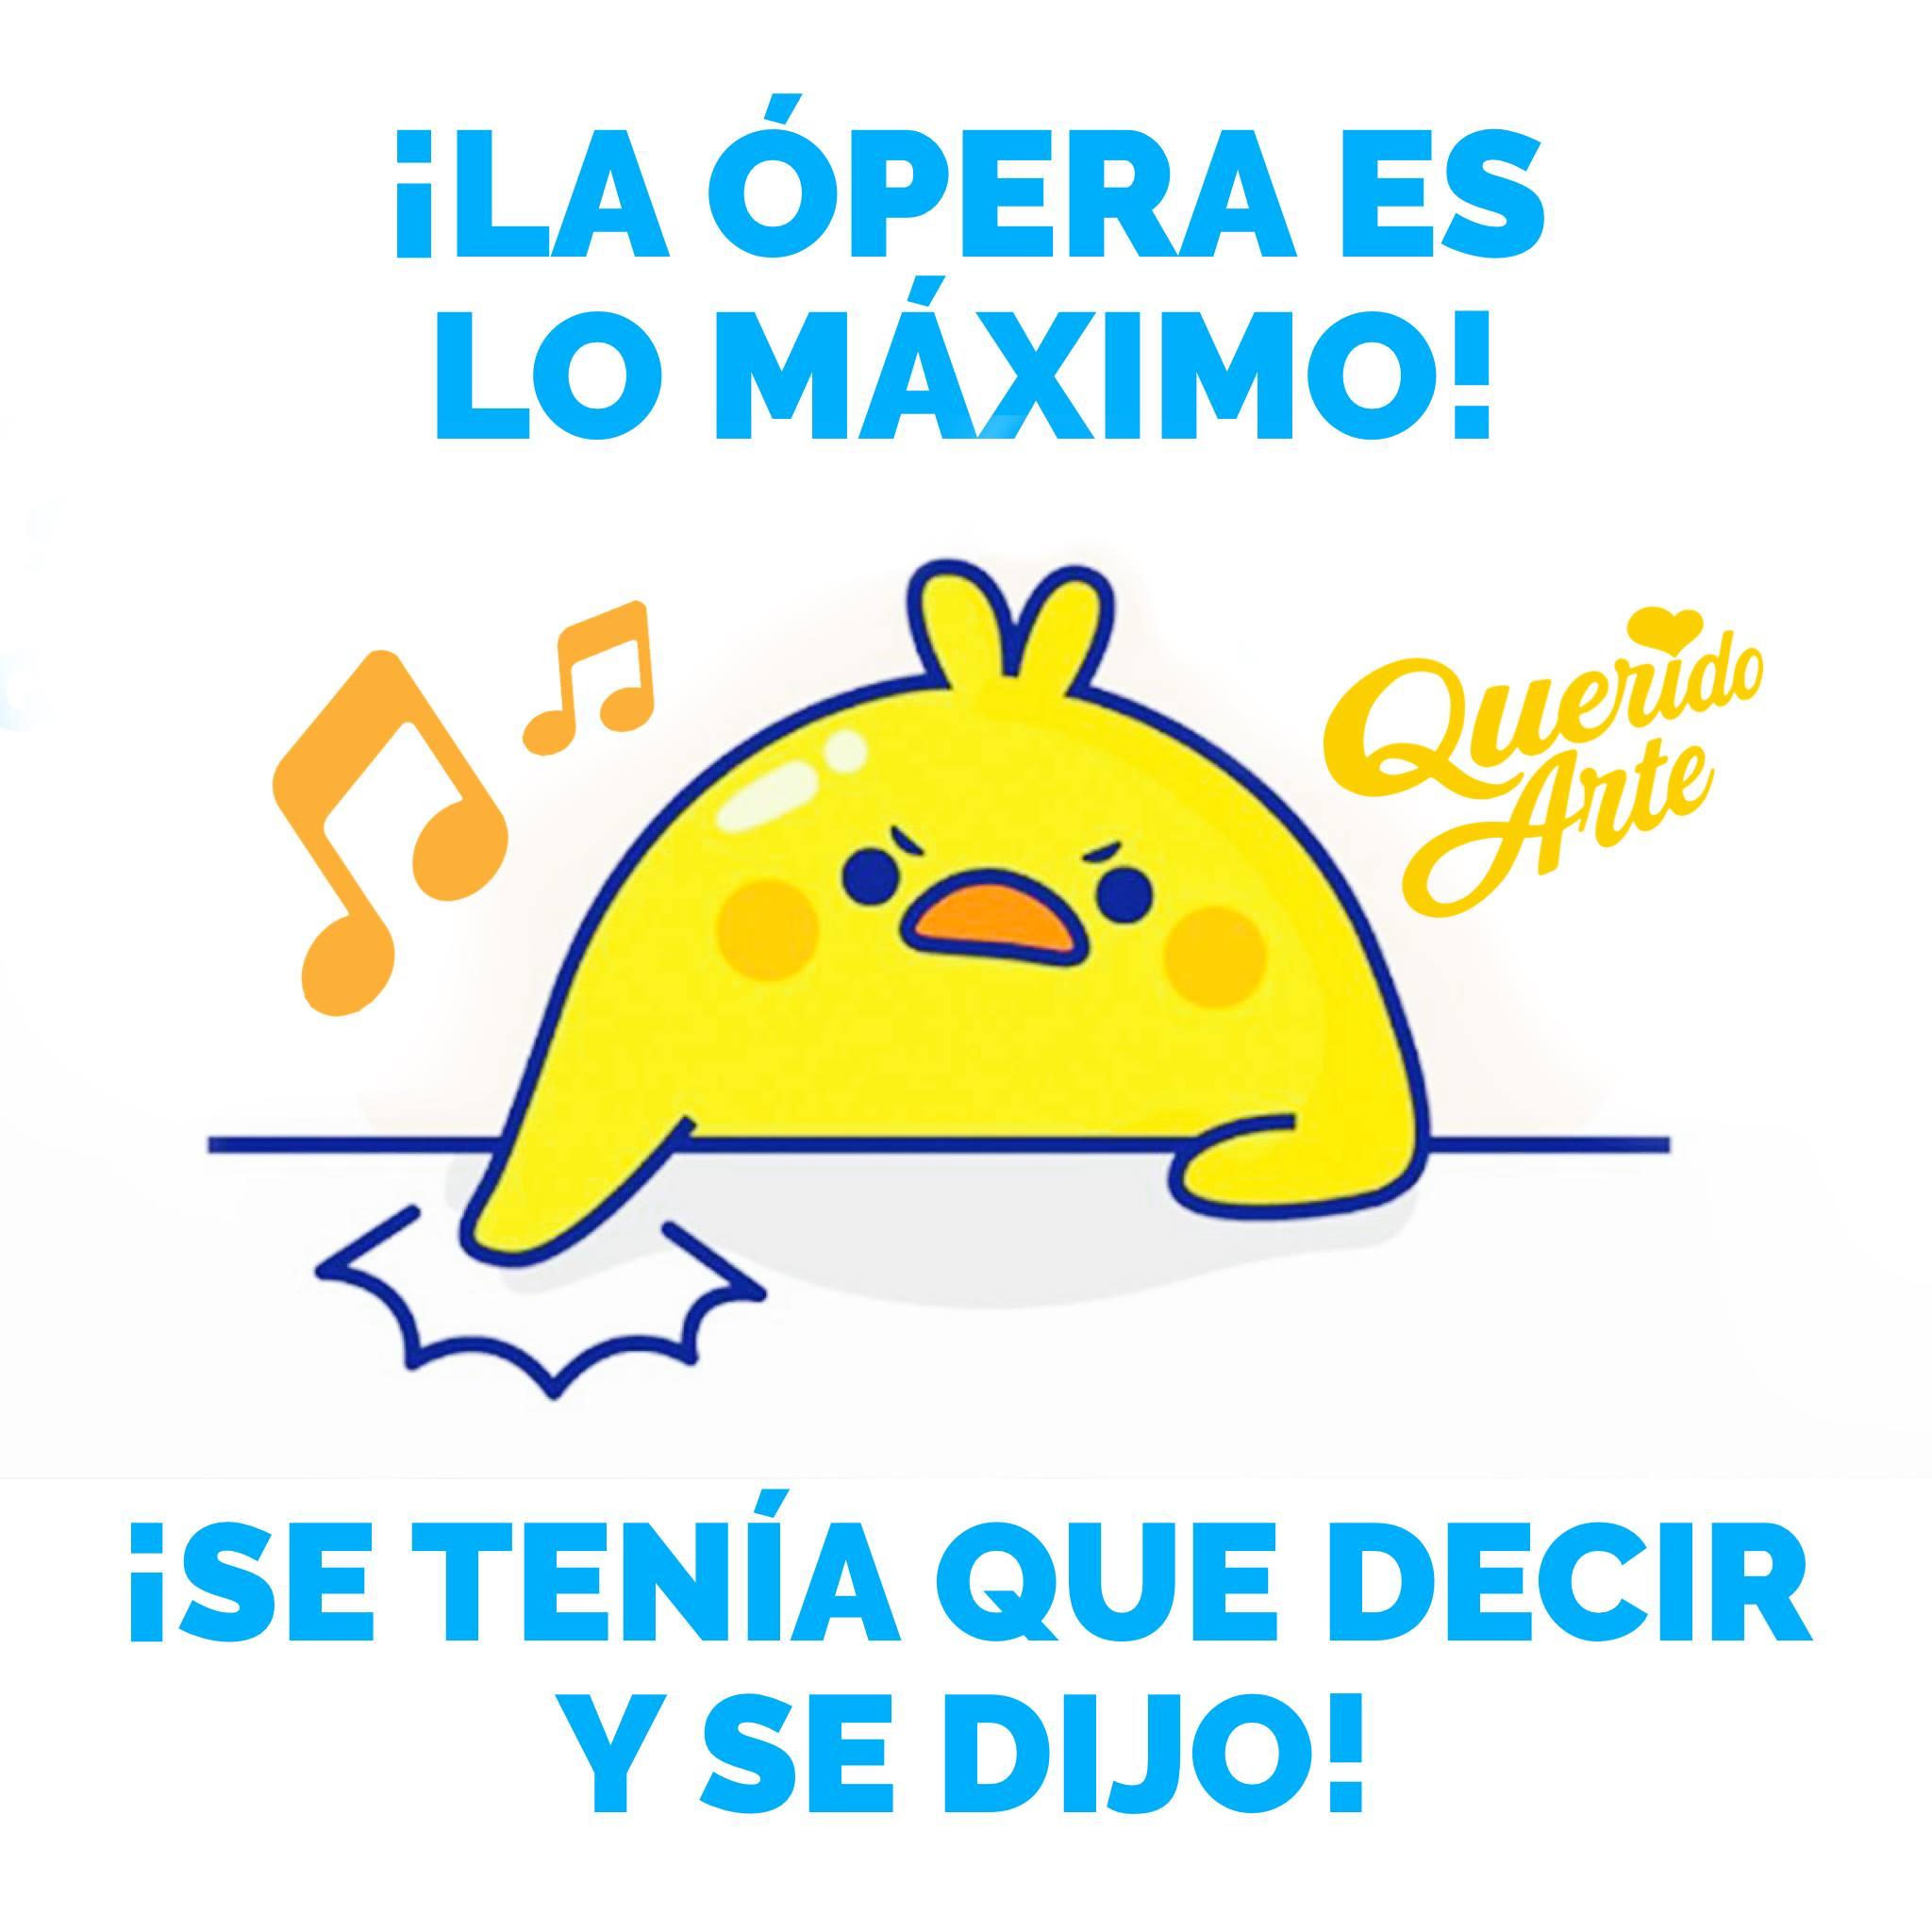 Porque la ópera es emocionante, la  #operaescool , la ópera te transporta a historias, épocas y sentimientos, la ópera es el arte más completo, la ópera es para todos y cada uno... en fin, la ópera ¡ES LO MÁXIMO! 💢🐤🎶.... se tenía que decir y ¡se dijo! 🙋🏻♂️🙋🏻♀️ ¿Quién con nosotros? #OperaAdictos   #QueridoArte   #QueridaOpera   💥 Comparte o el pollito se enojará 🐣🤣